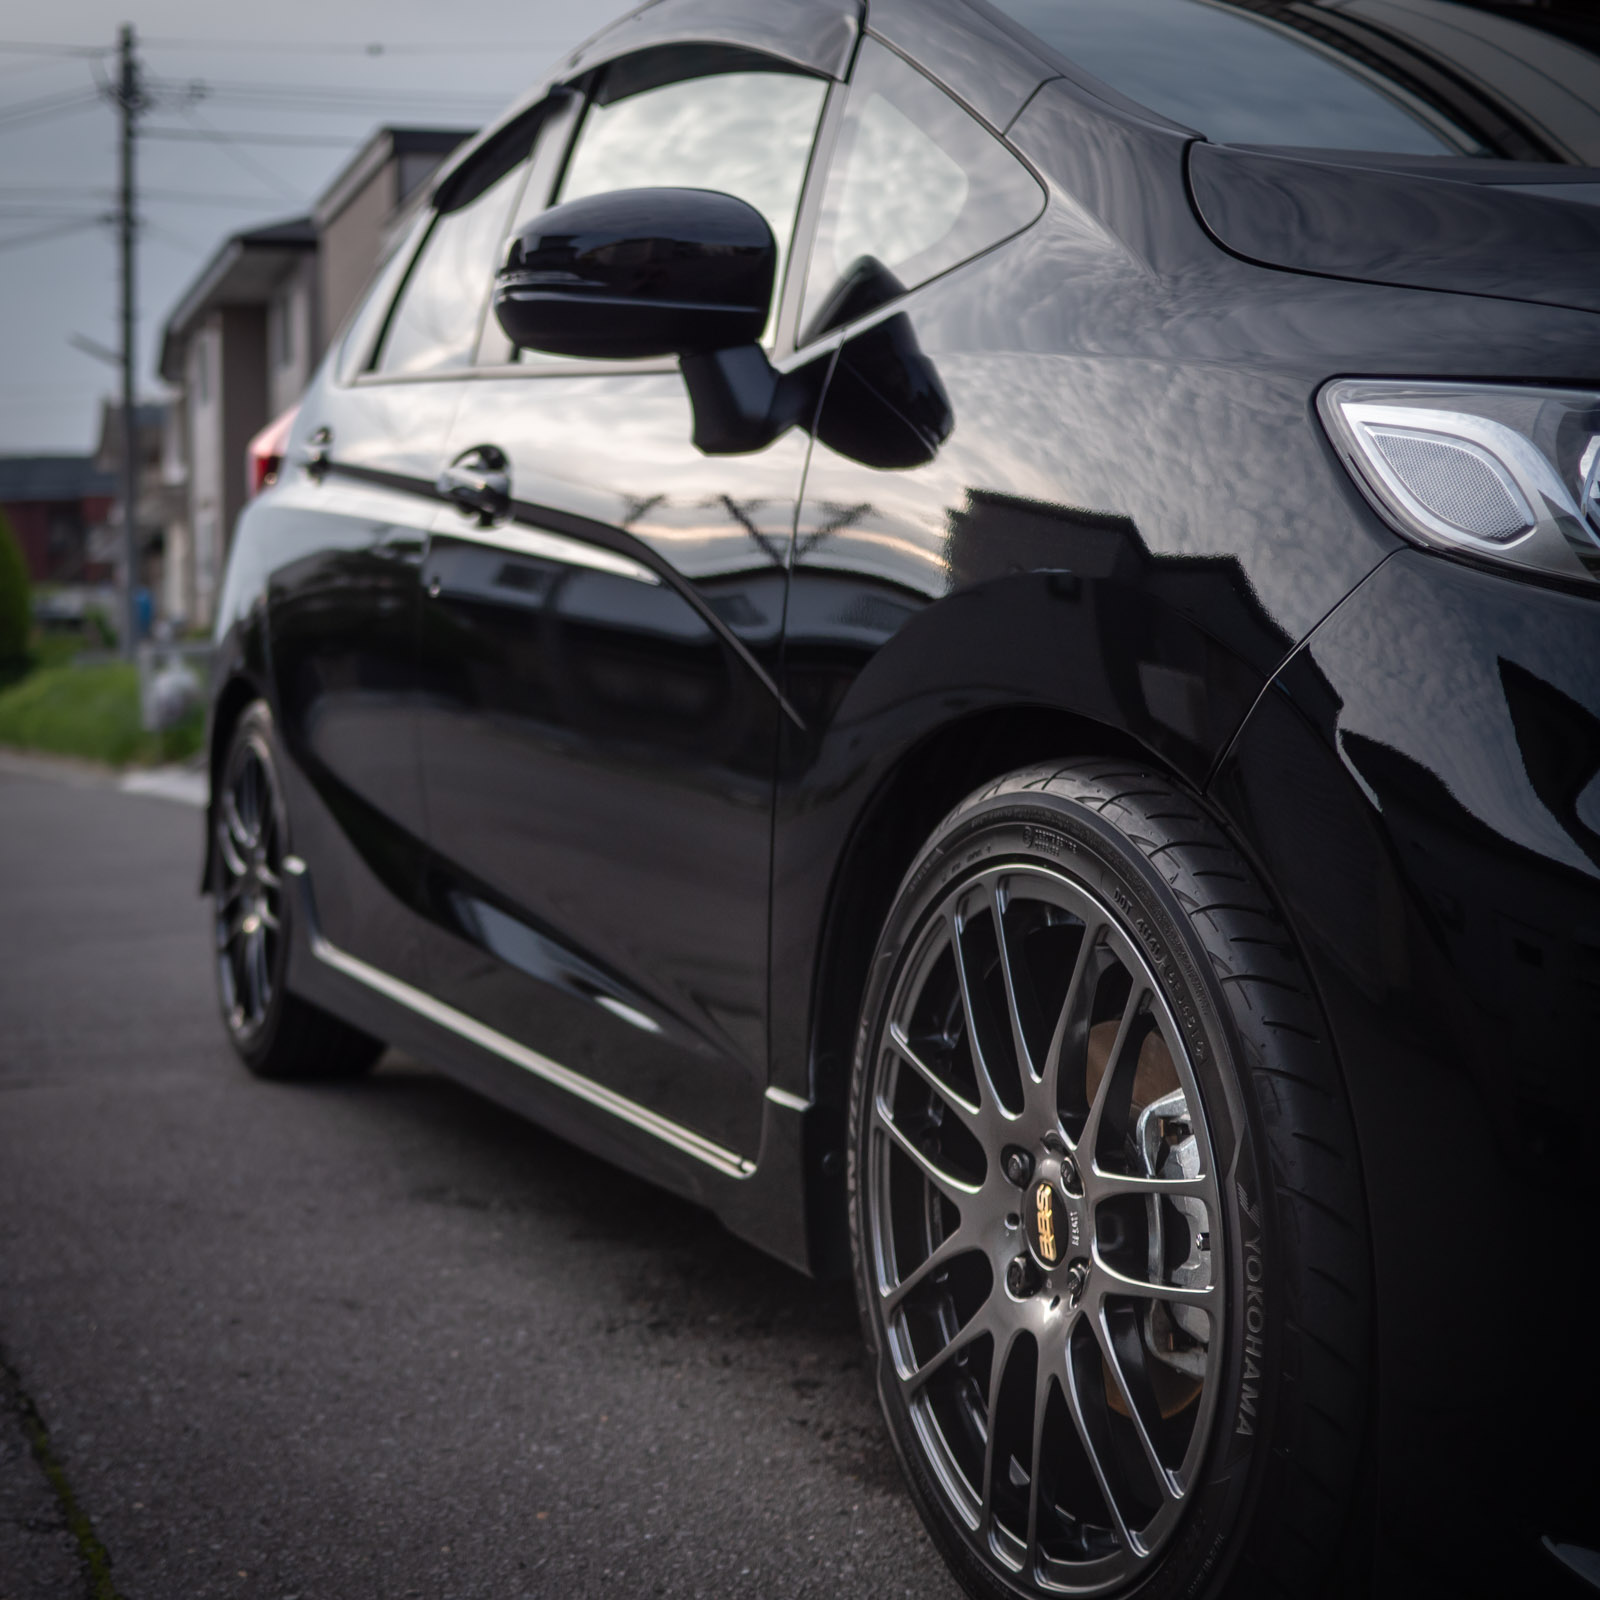 車:黒のFIT RS(DBA-GK5)+アルミホイール:BBS RE-L2(DB)17インチ+タイヤ:アドバンフレバ